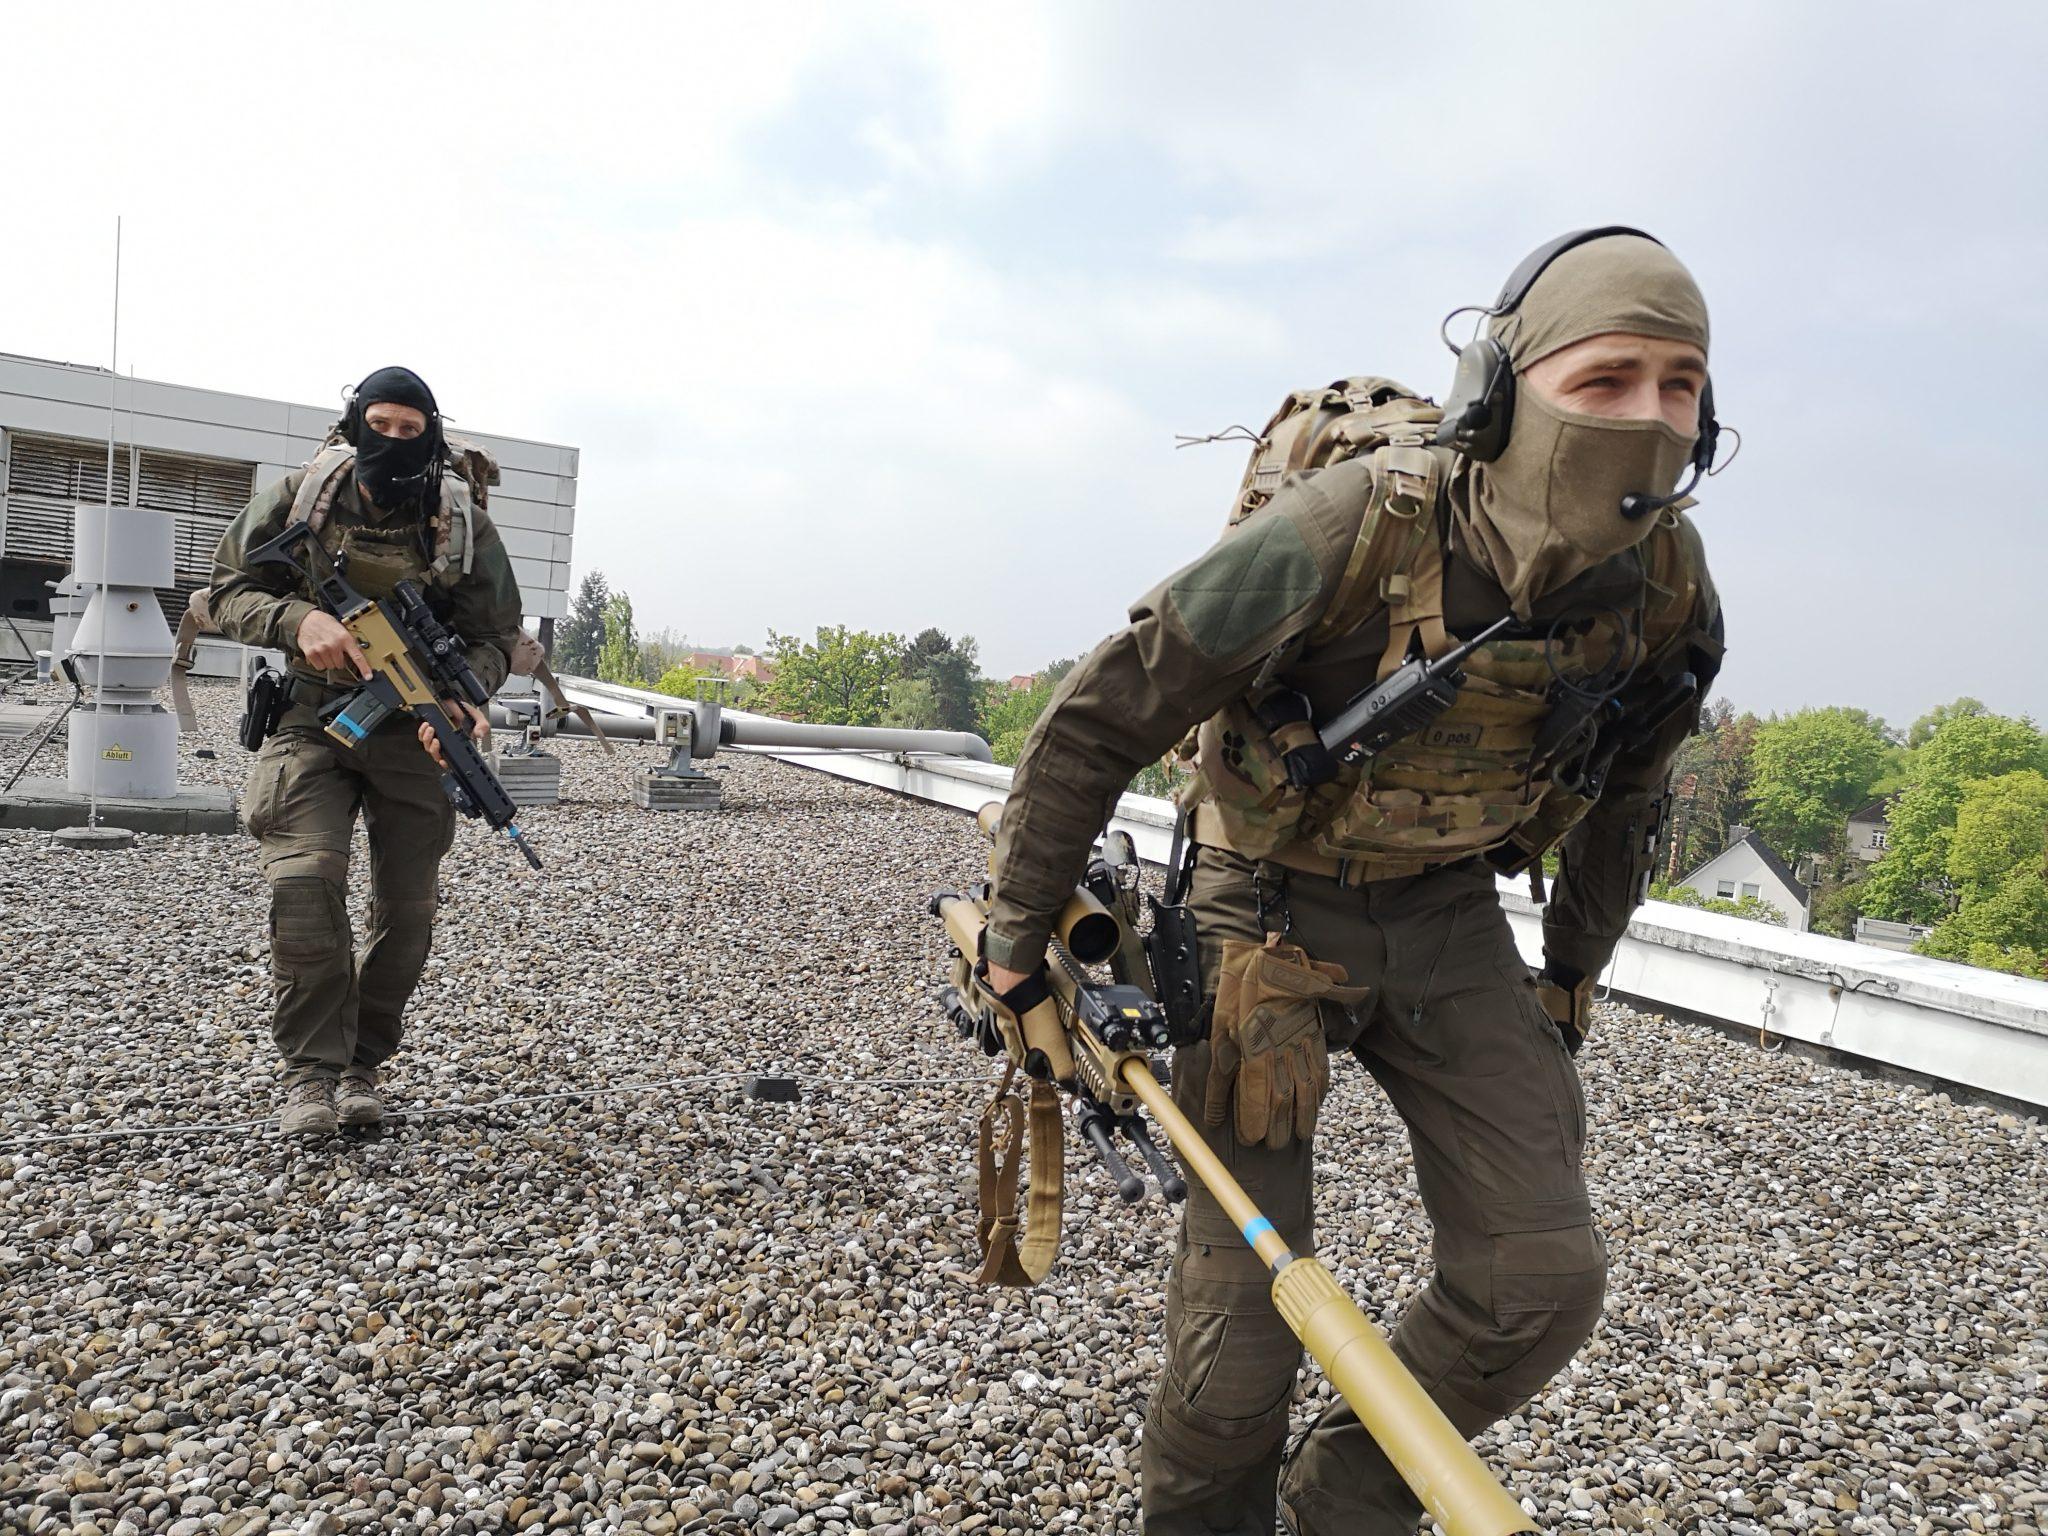 MG Action, MG Forces, Special Forces für Film, SEK Film, GSG9 Film, Polizei Film, Scharfschütze, Sniperpost,Haenel RS9